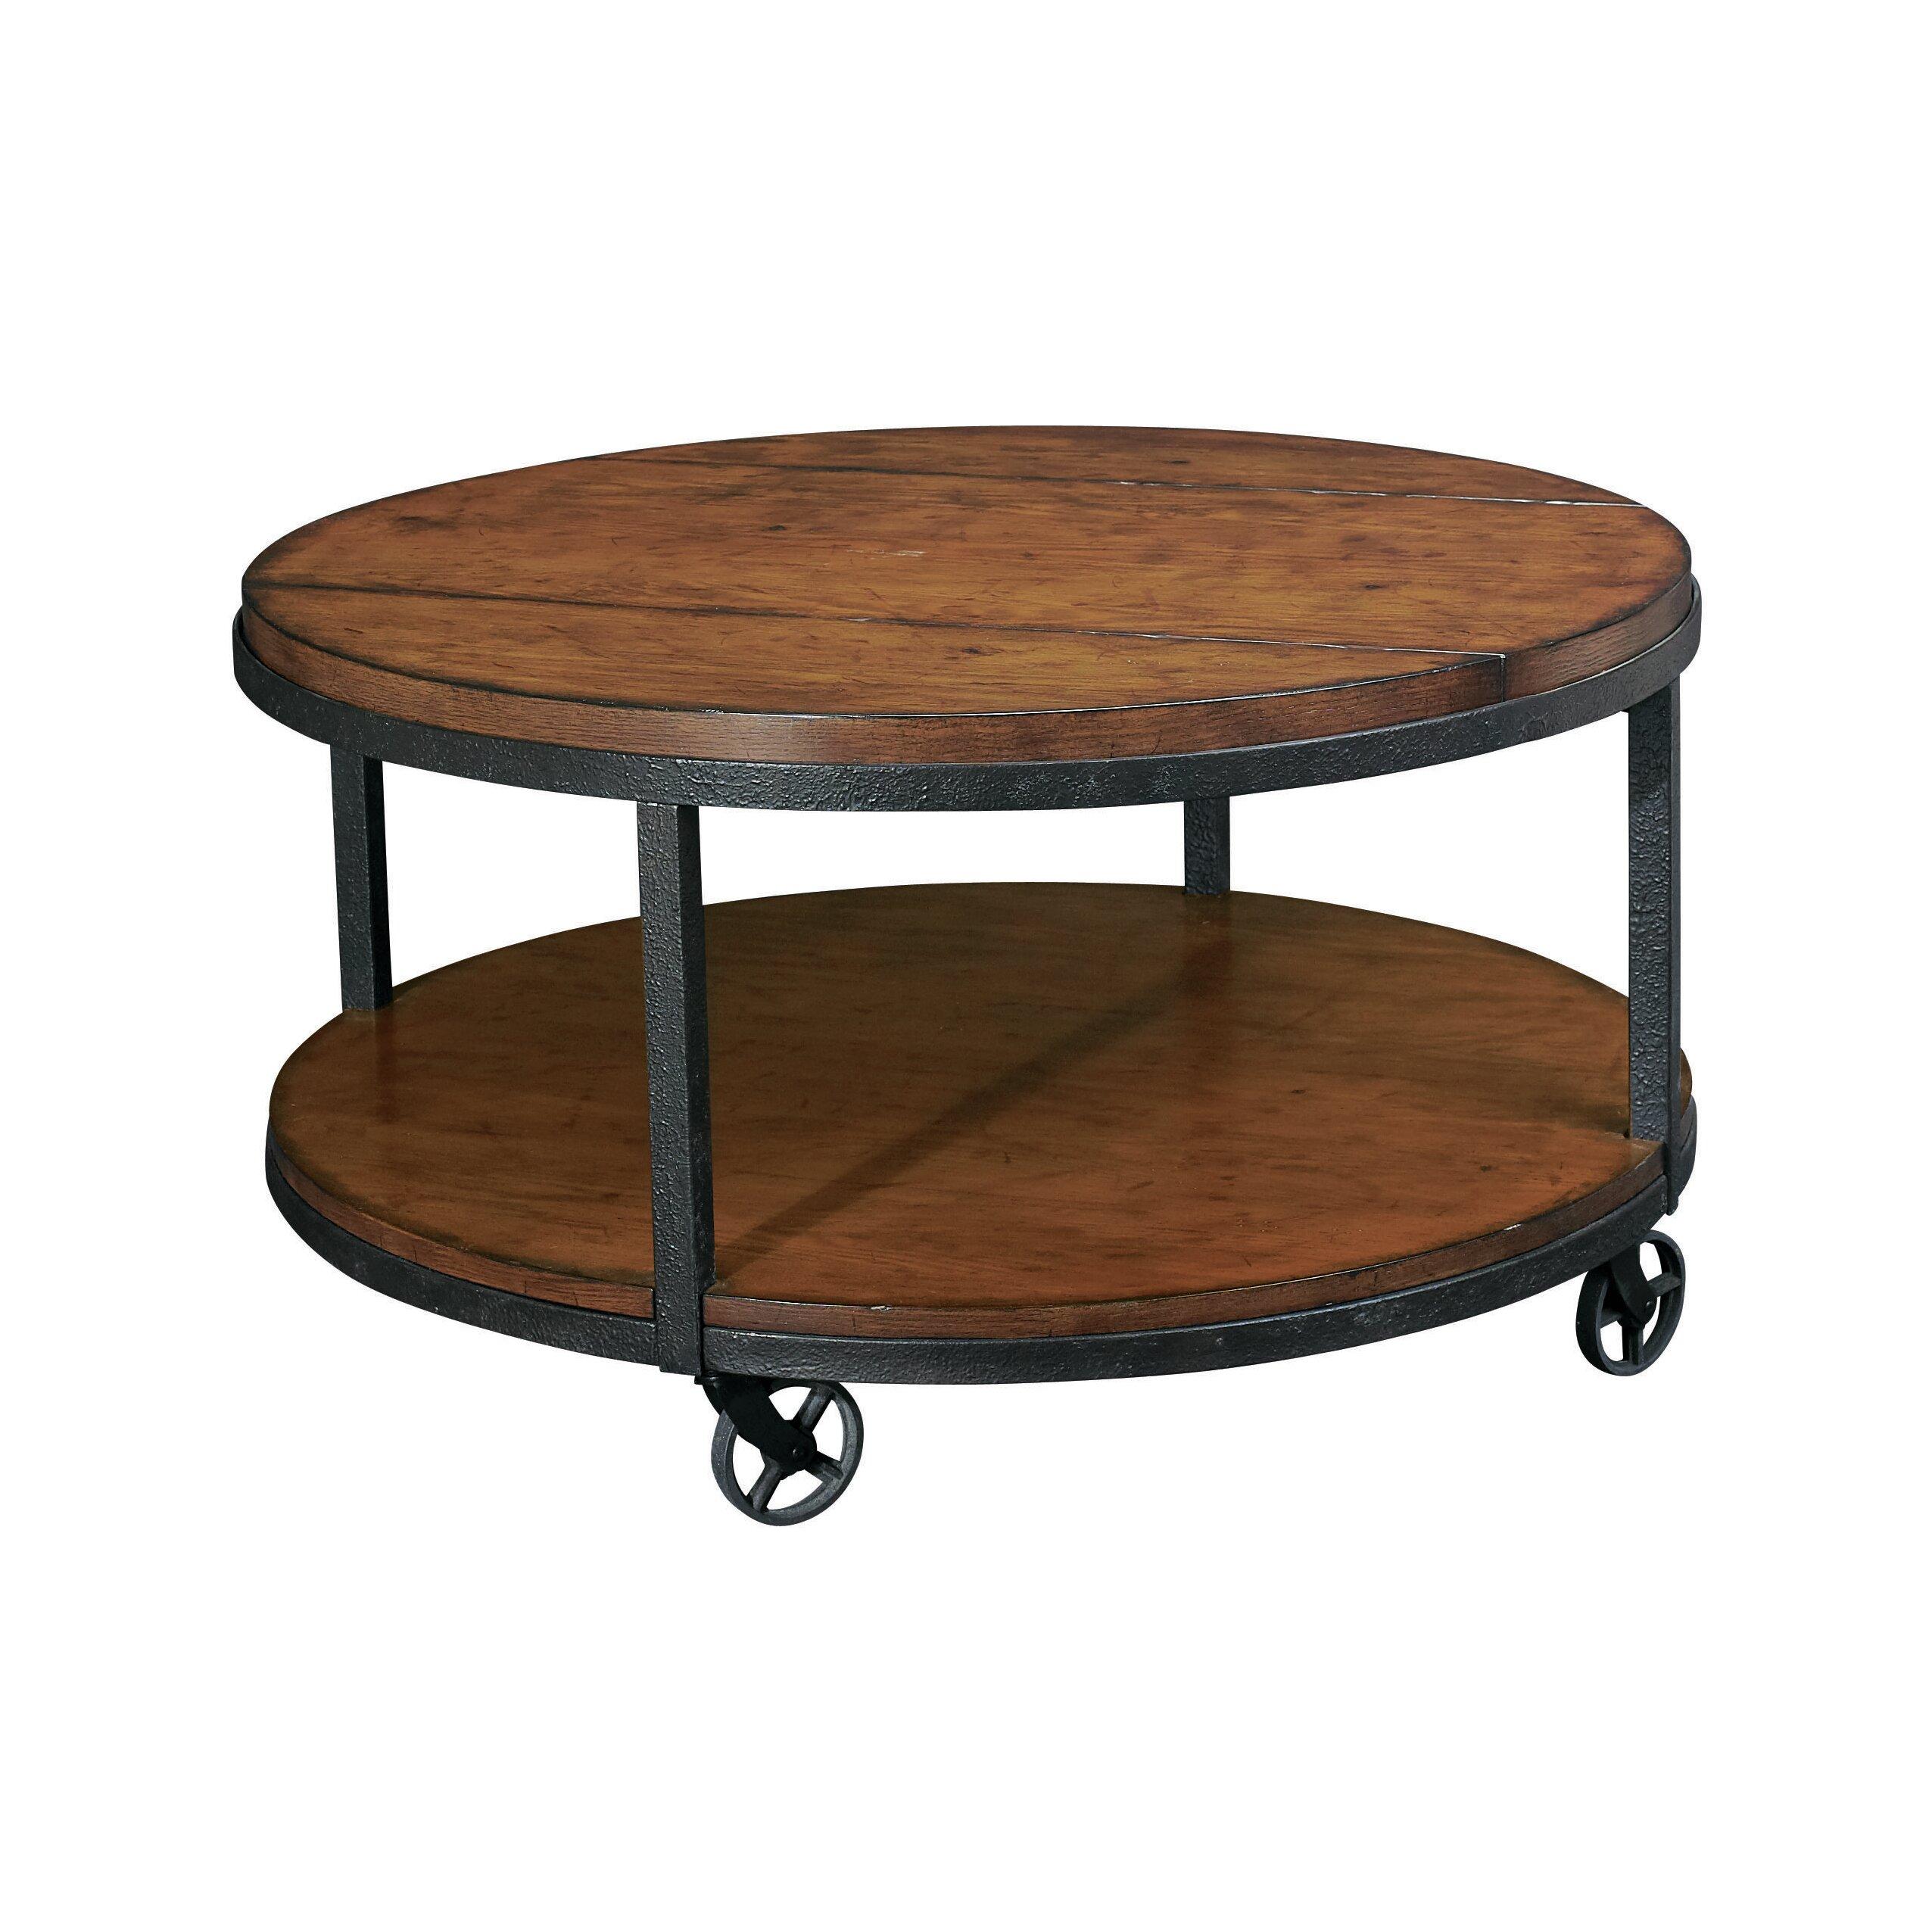 Hebbville Coffee Table Reviews: Loon Peak Umunhum Coffee Table & Reviews